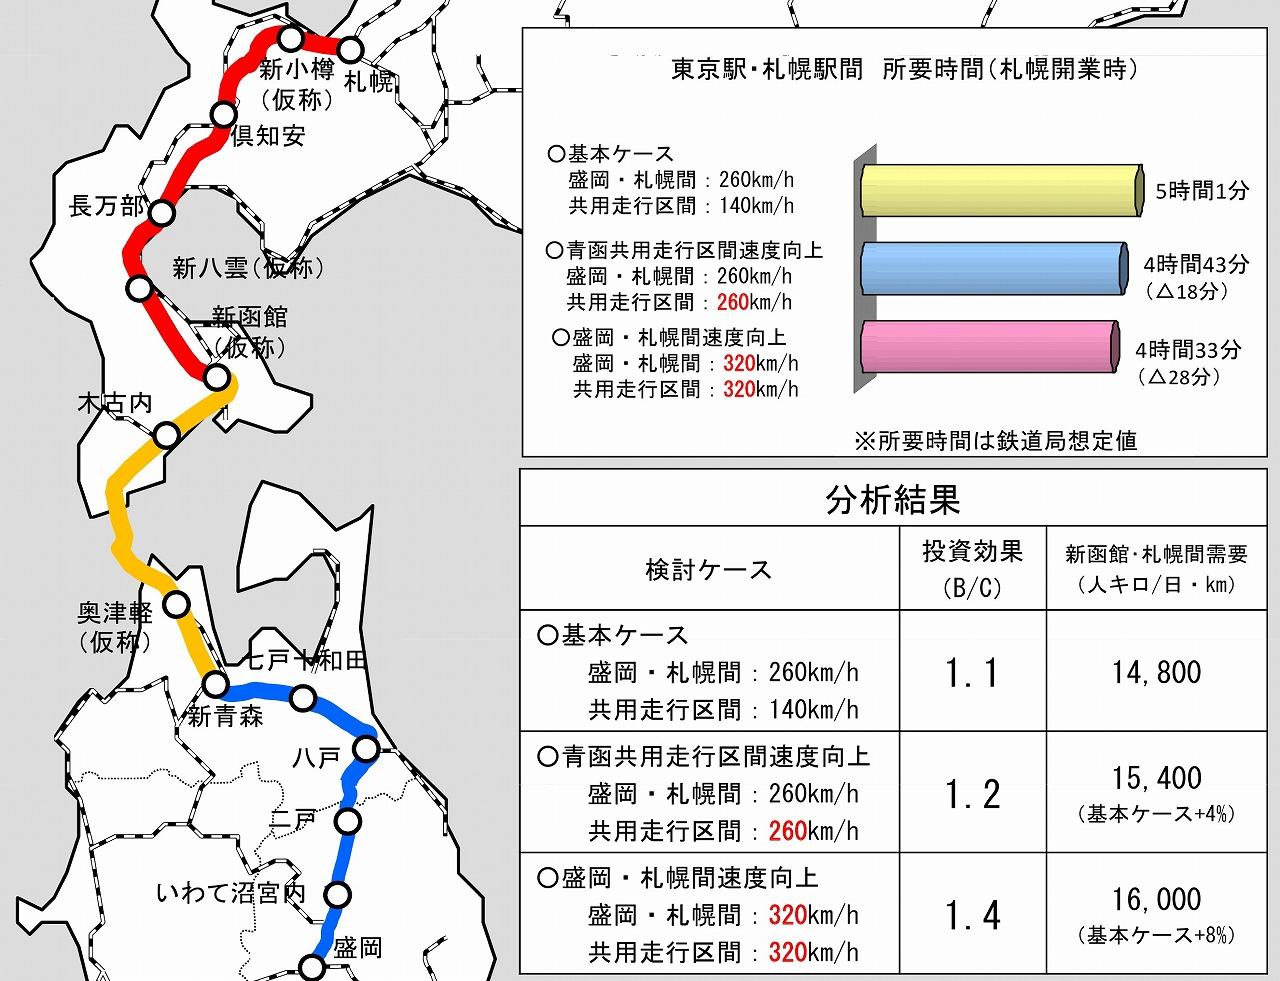 北海道新幹線の速度向上させた場合